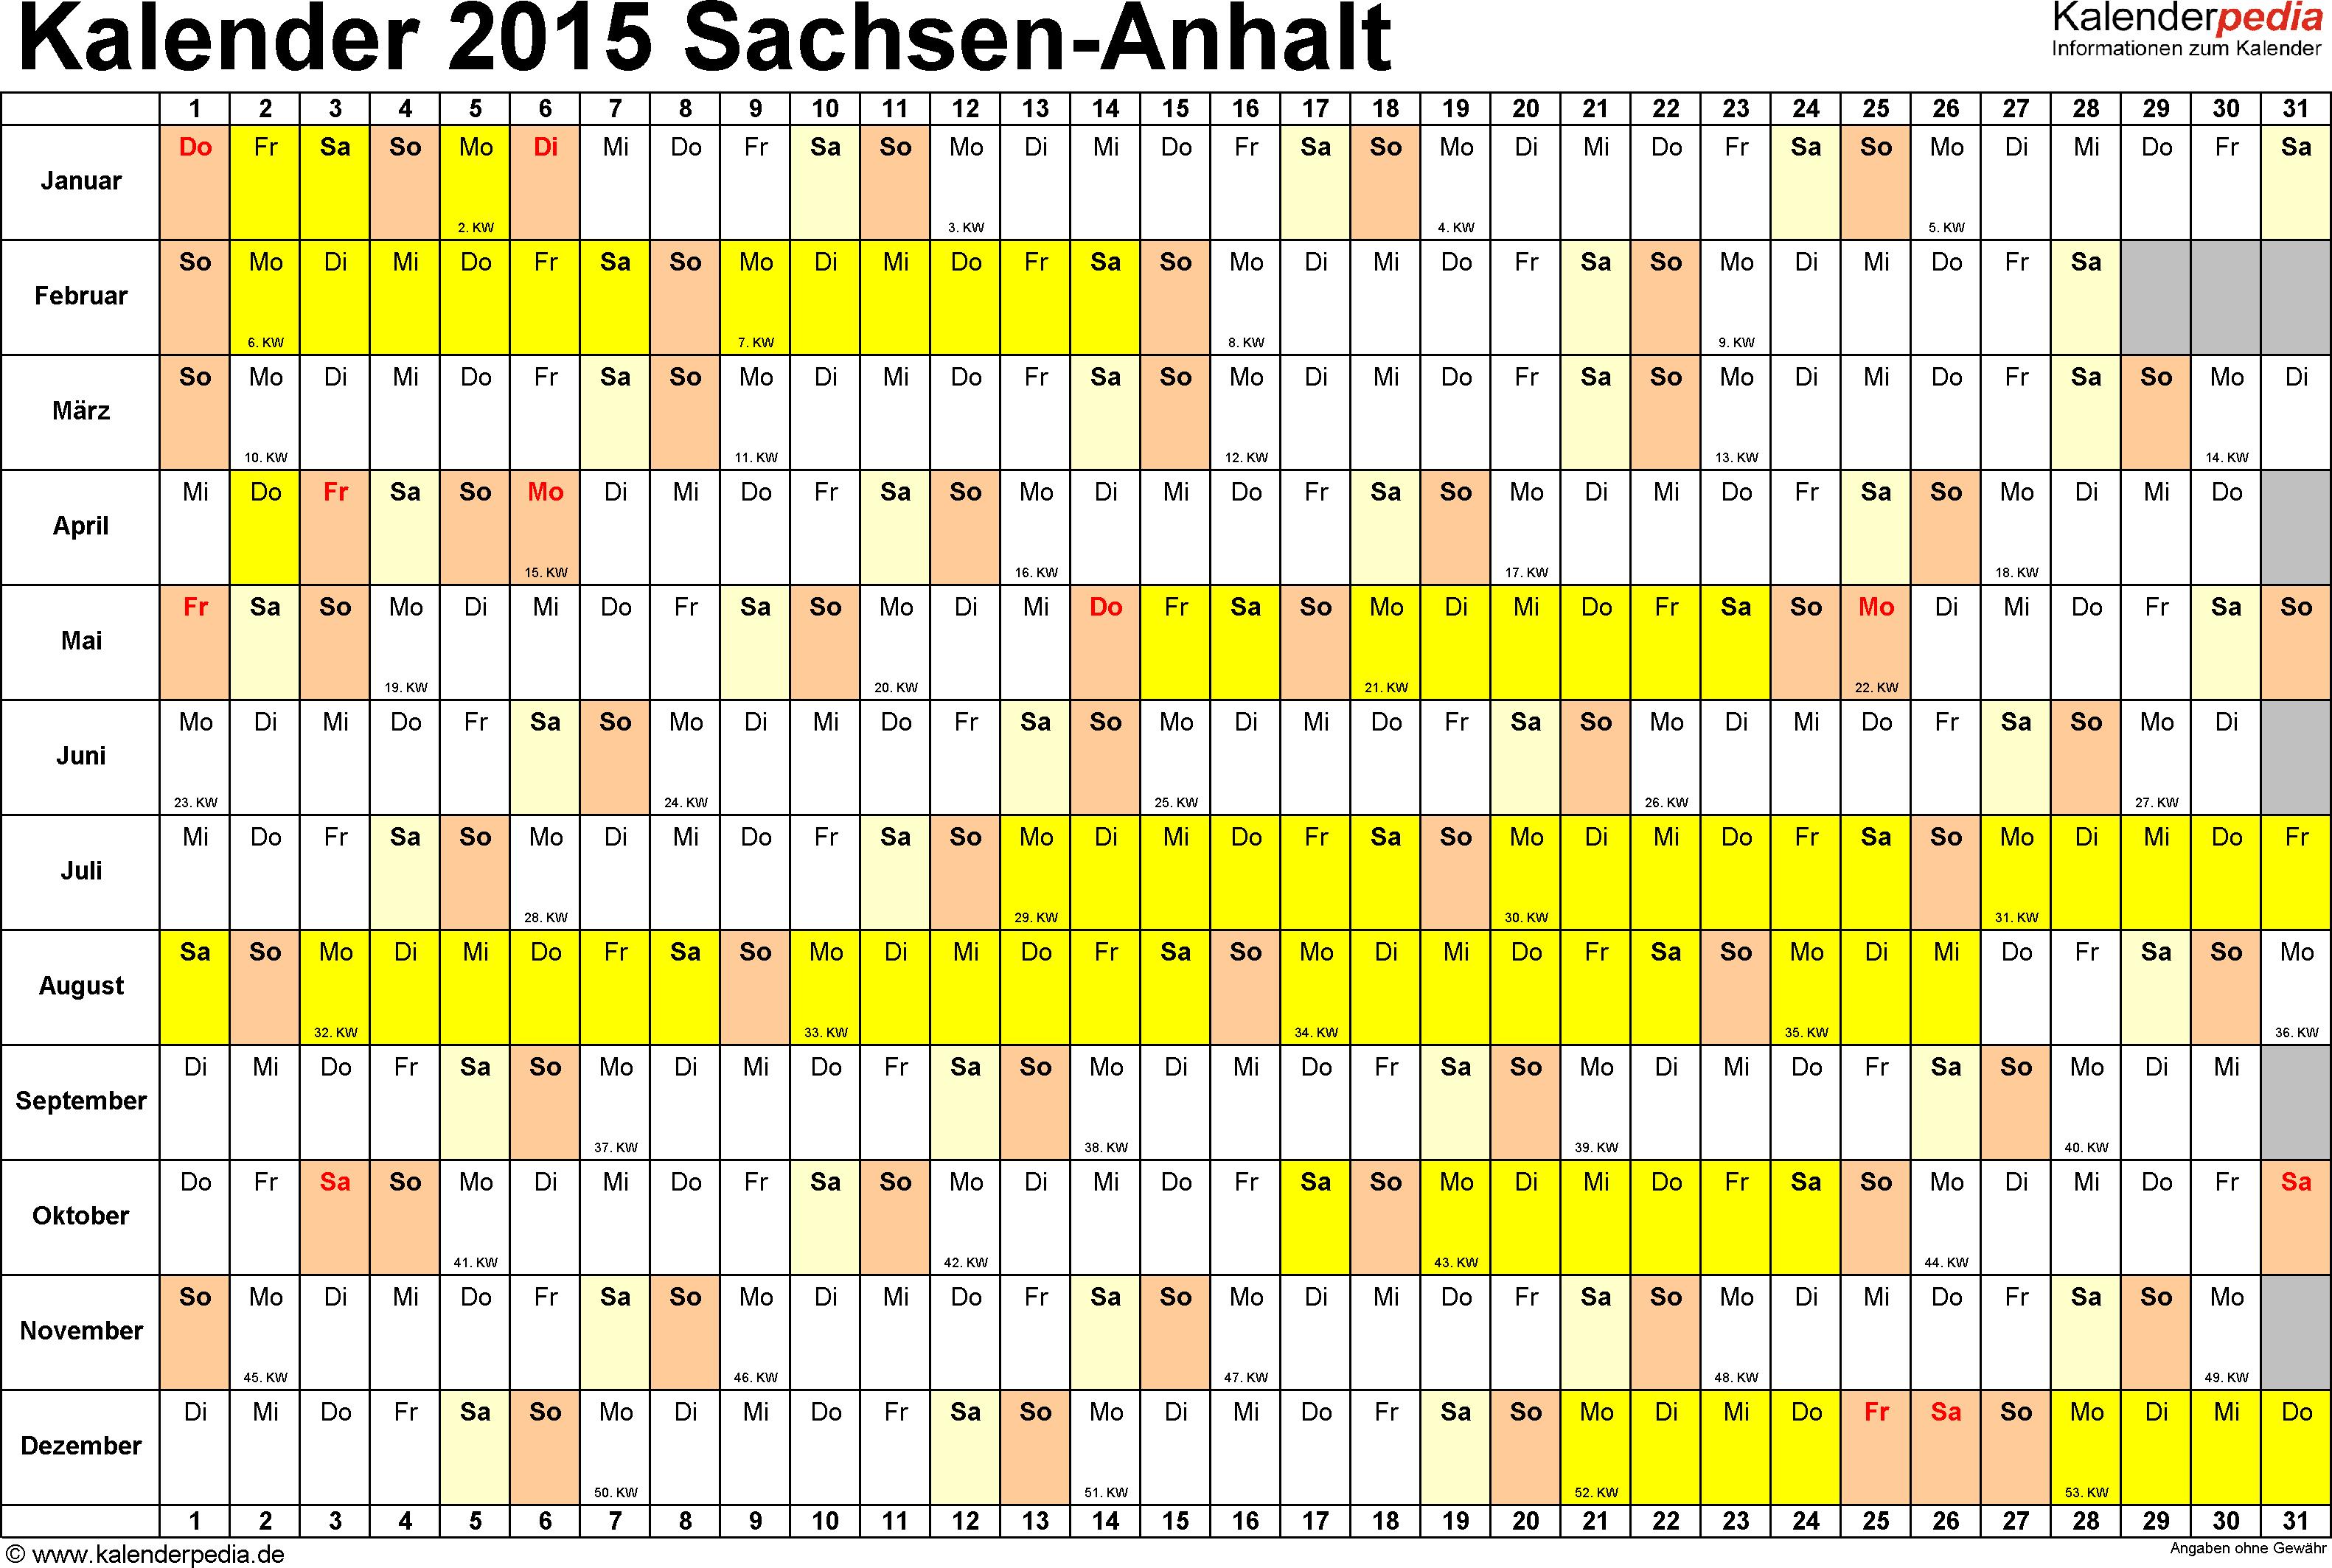 Vorlage 2: Kalender Sachsen-Anhalt 2015 im Querformat, Tage nebeneinander